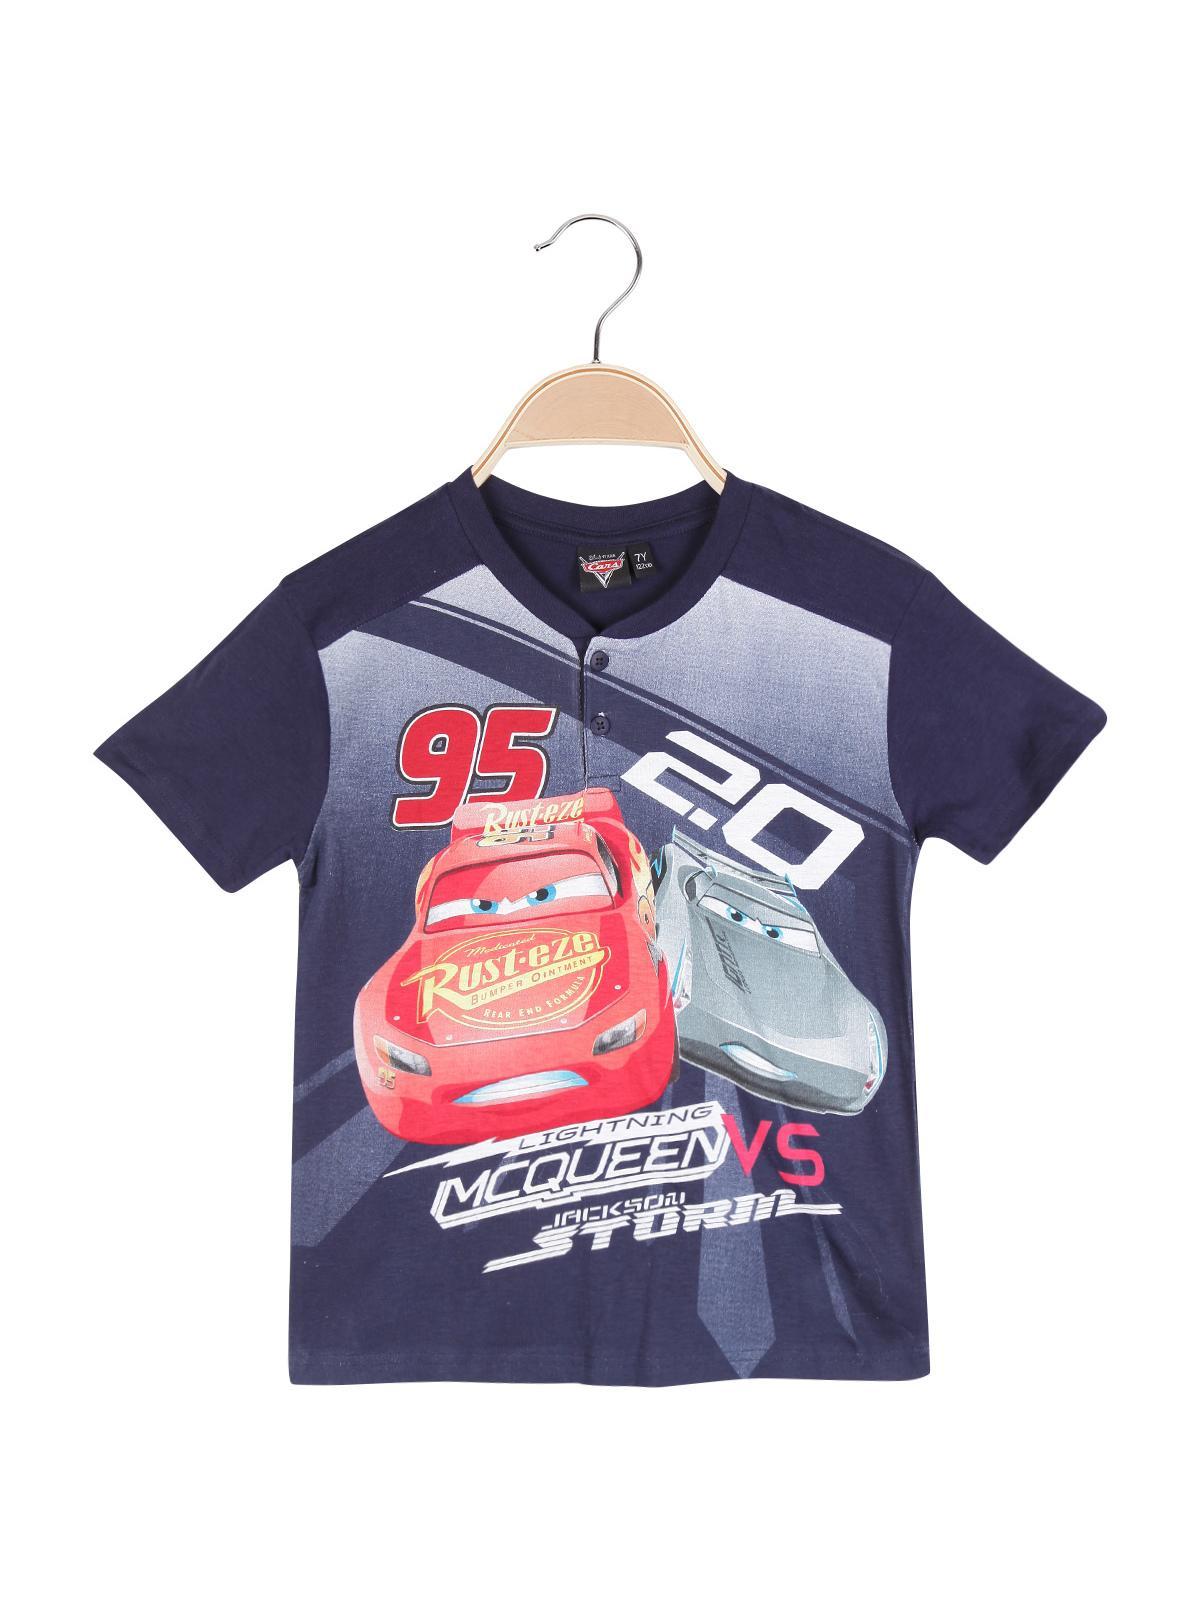 rivenditore di vendita 8b737 063d8 Pigiama corto bambino - Cars disney | MecShopping